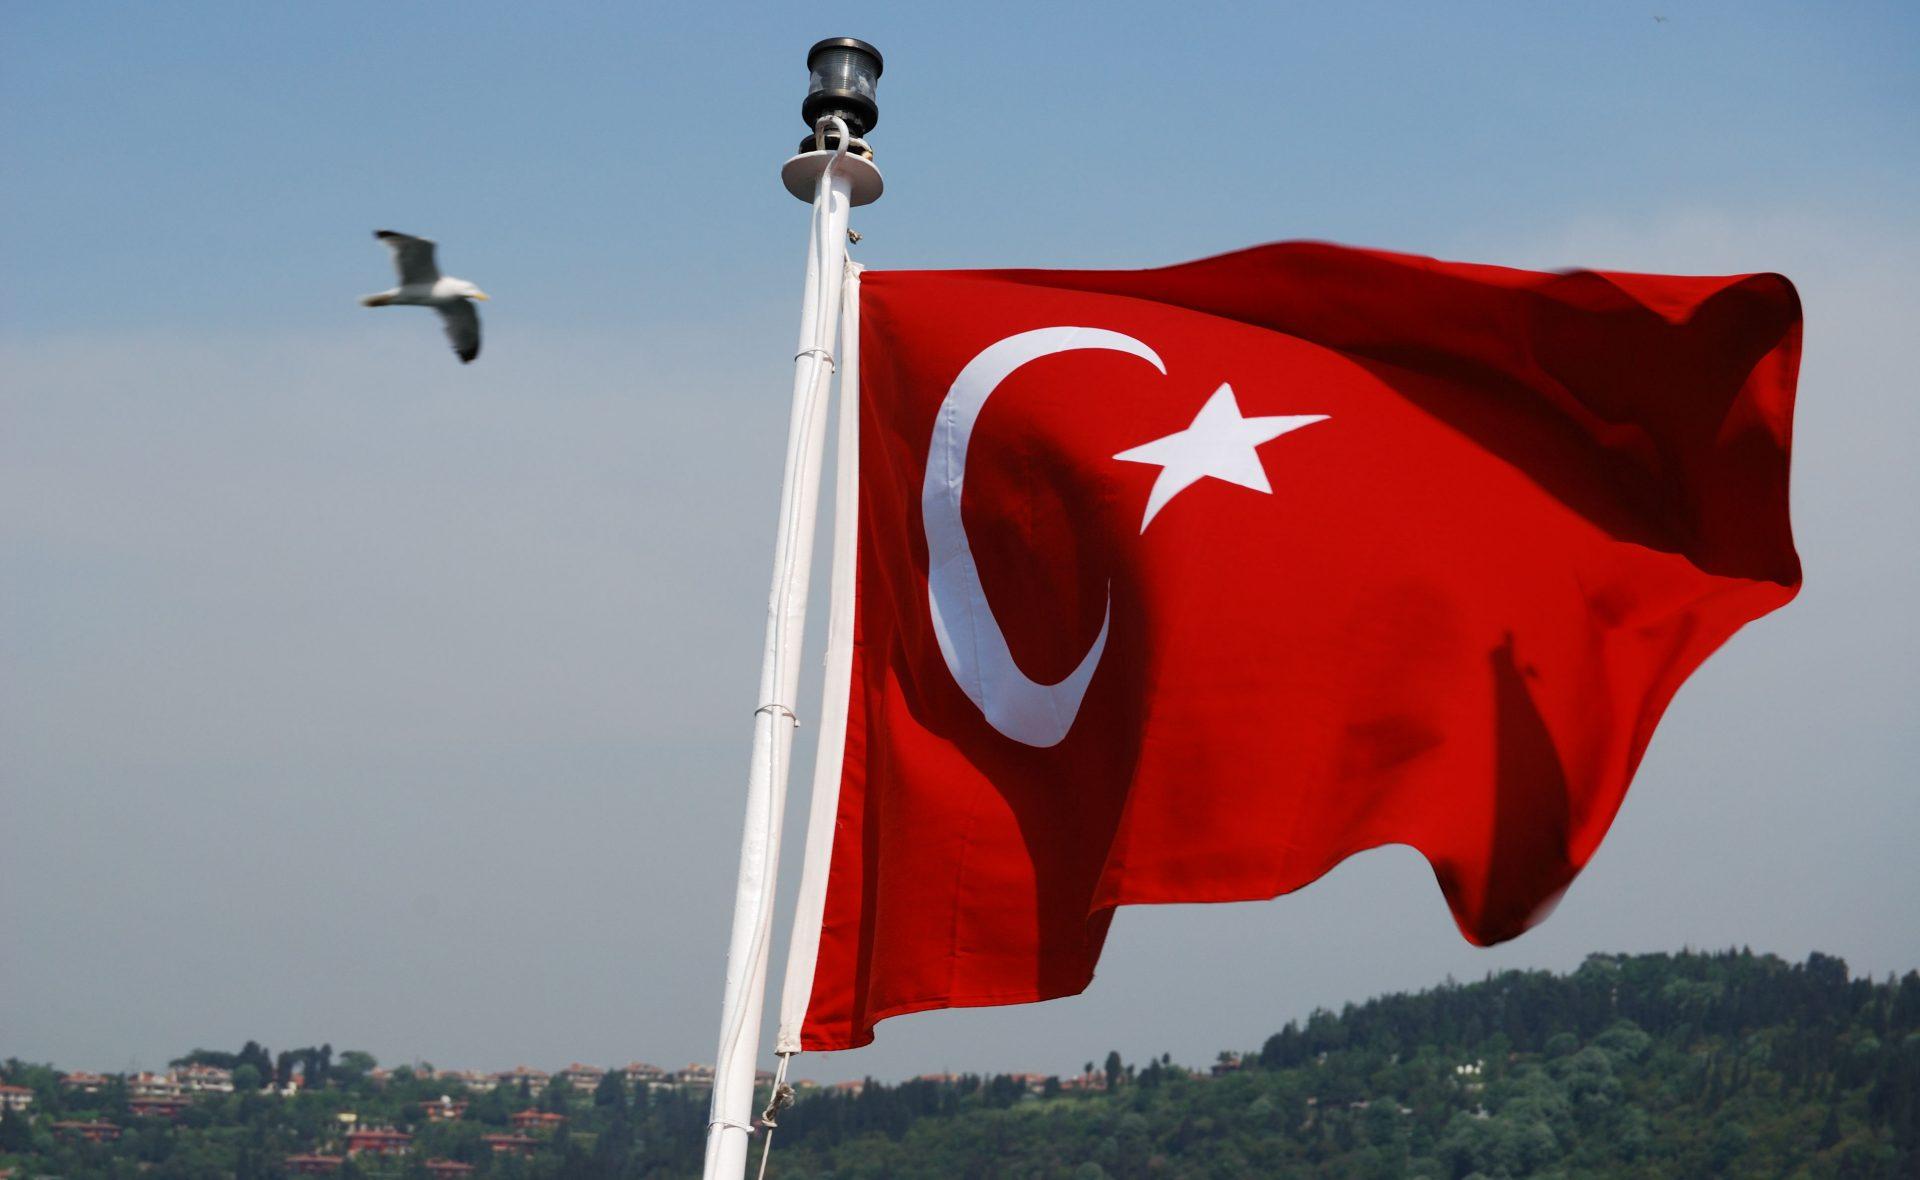 Il consiglio scientifico dell'UMI scrive all'ambasciata turca in Italia